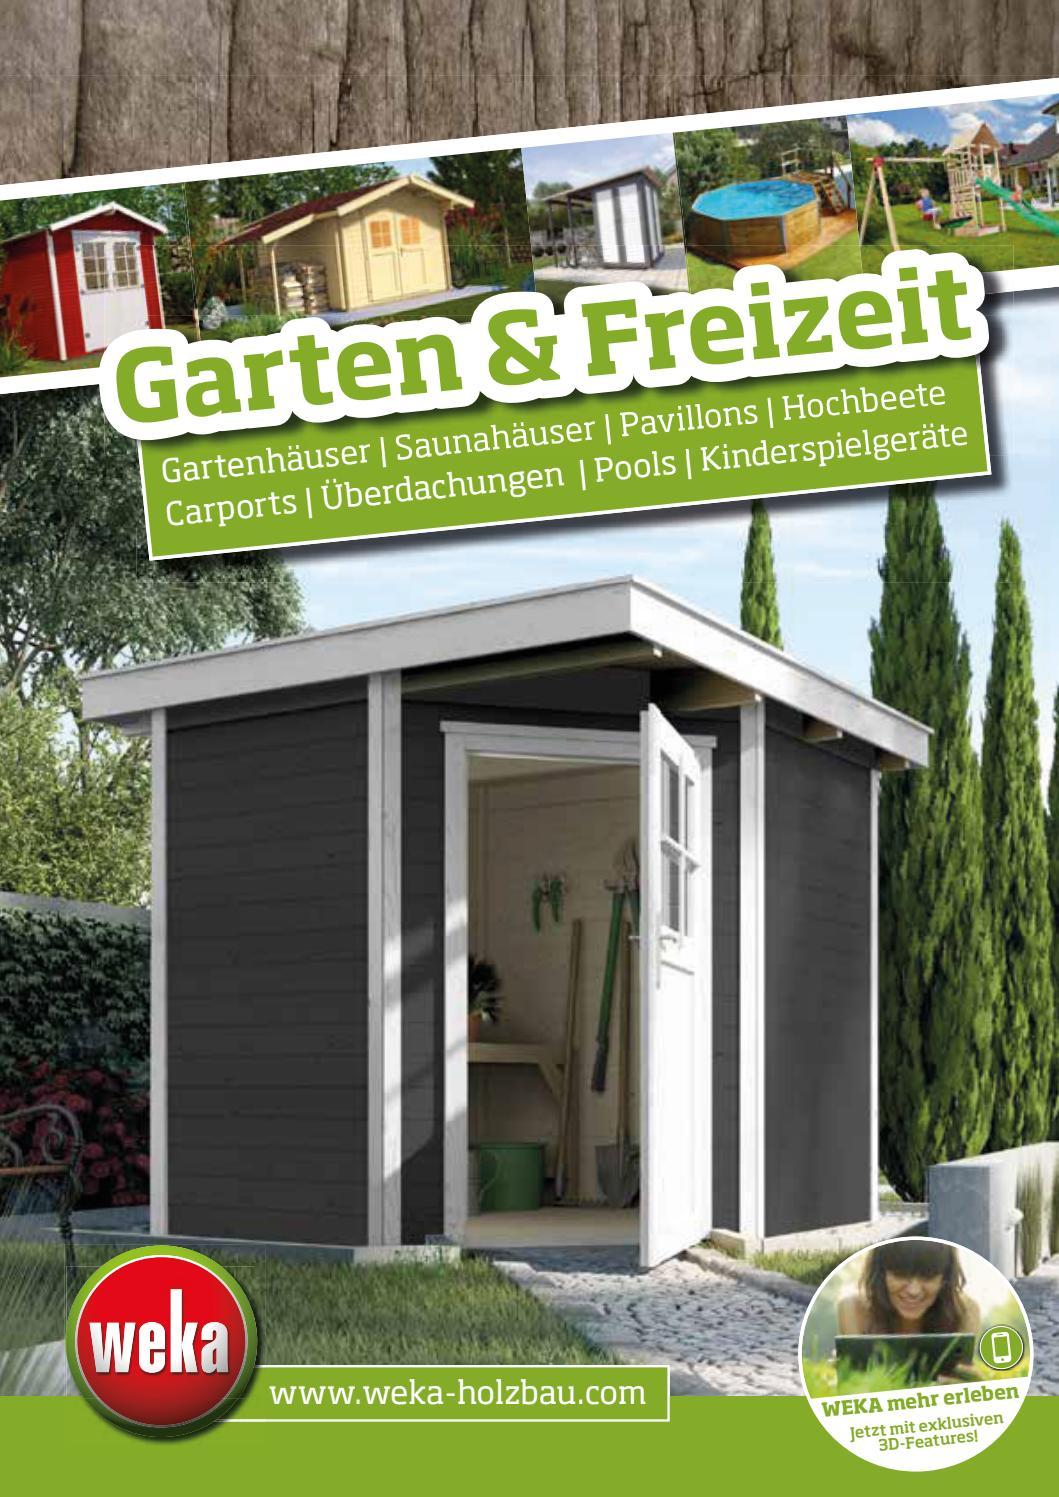 Weka Garten & Freizeit by Kaiser Design - issuu